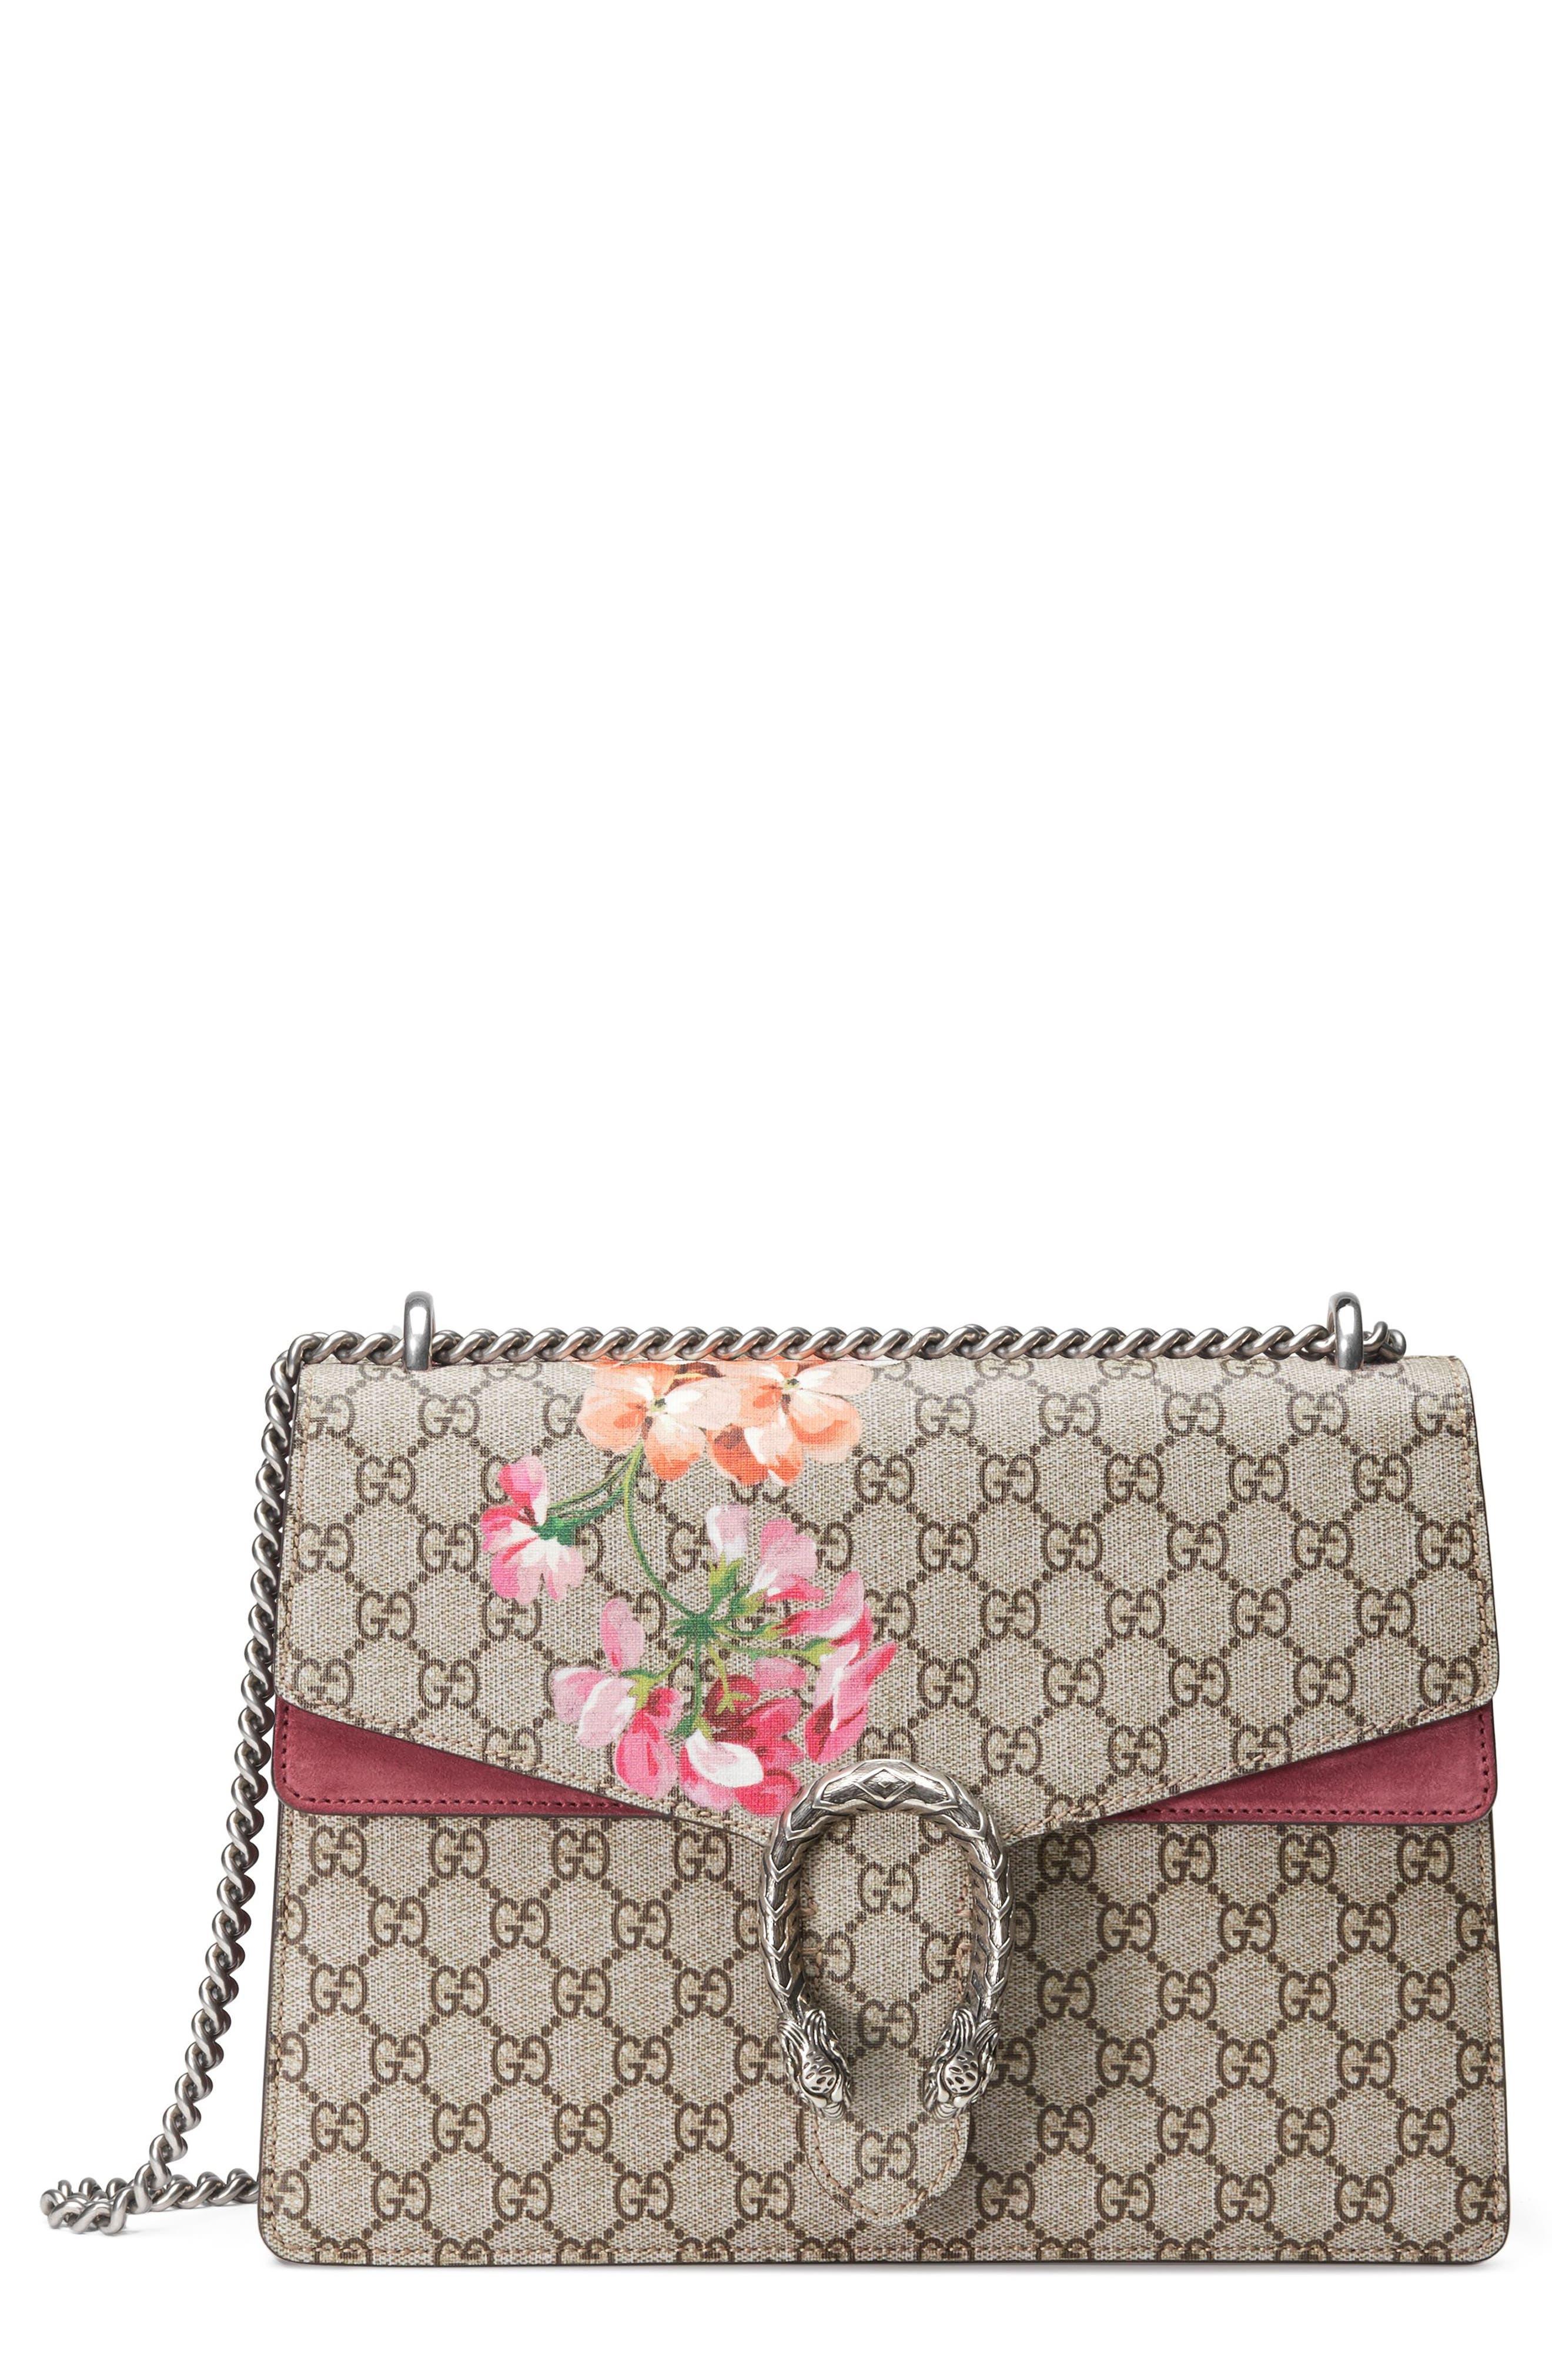 Main Image - Gucci Large Floral GG Supreme Canvas & Suede Shoulder Bag